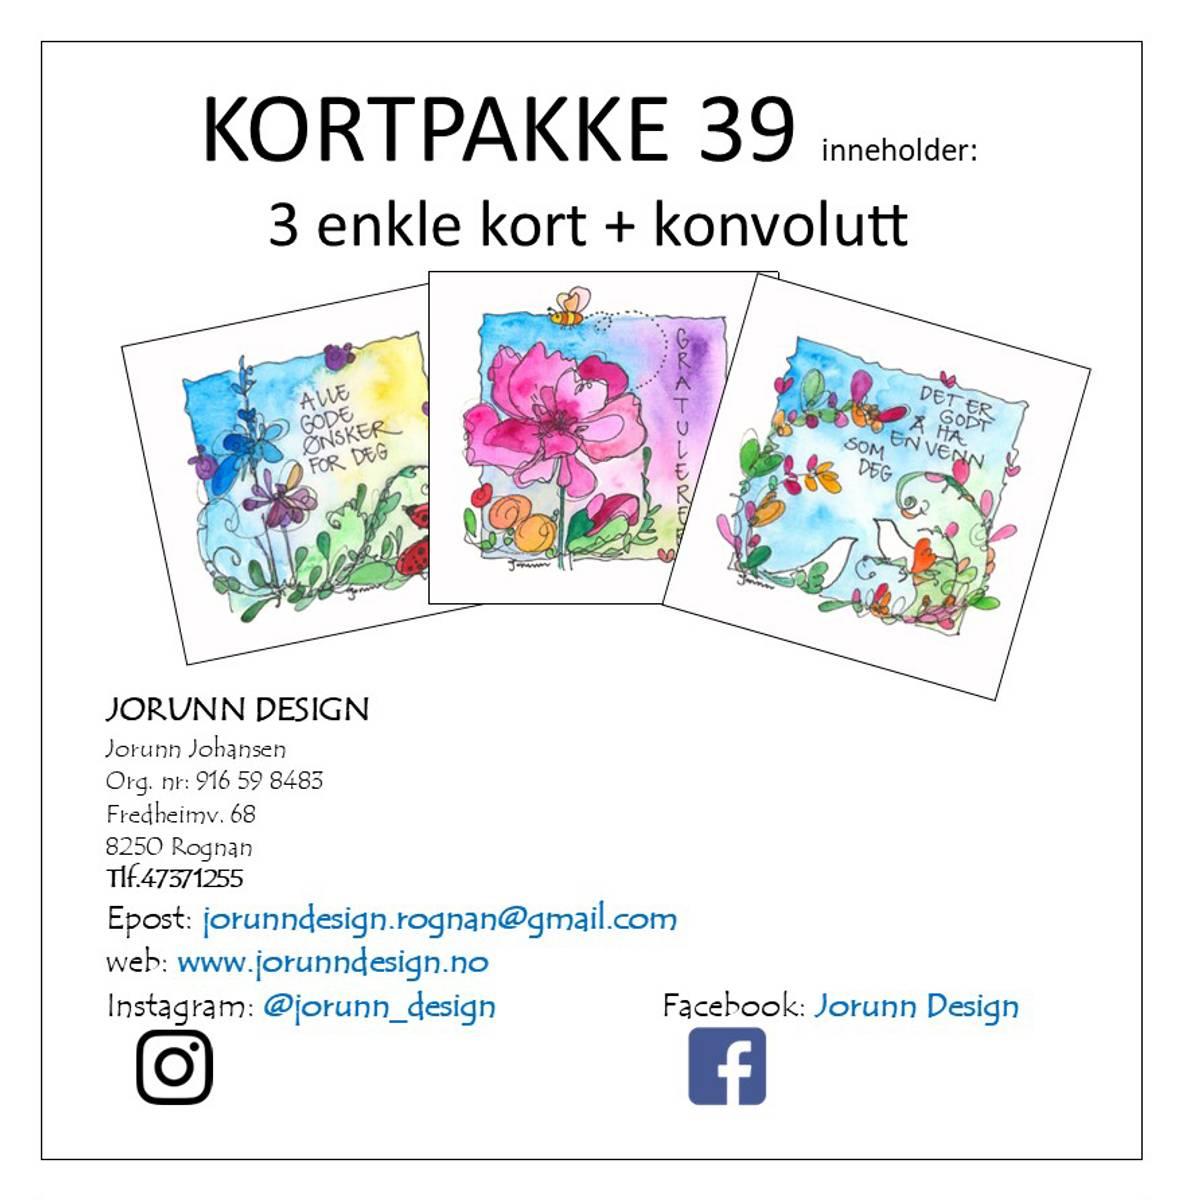 Kortpakke 39